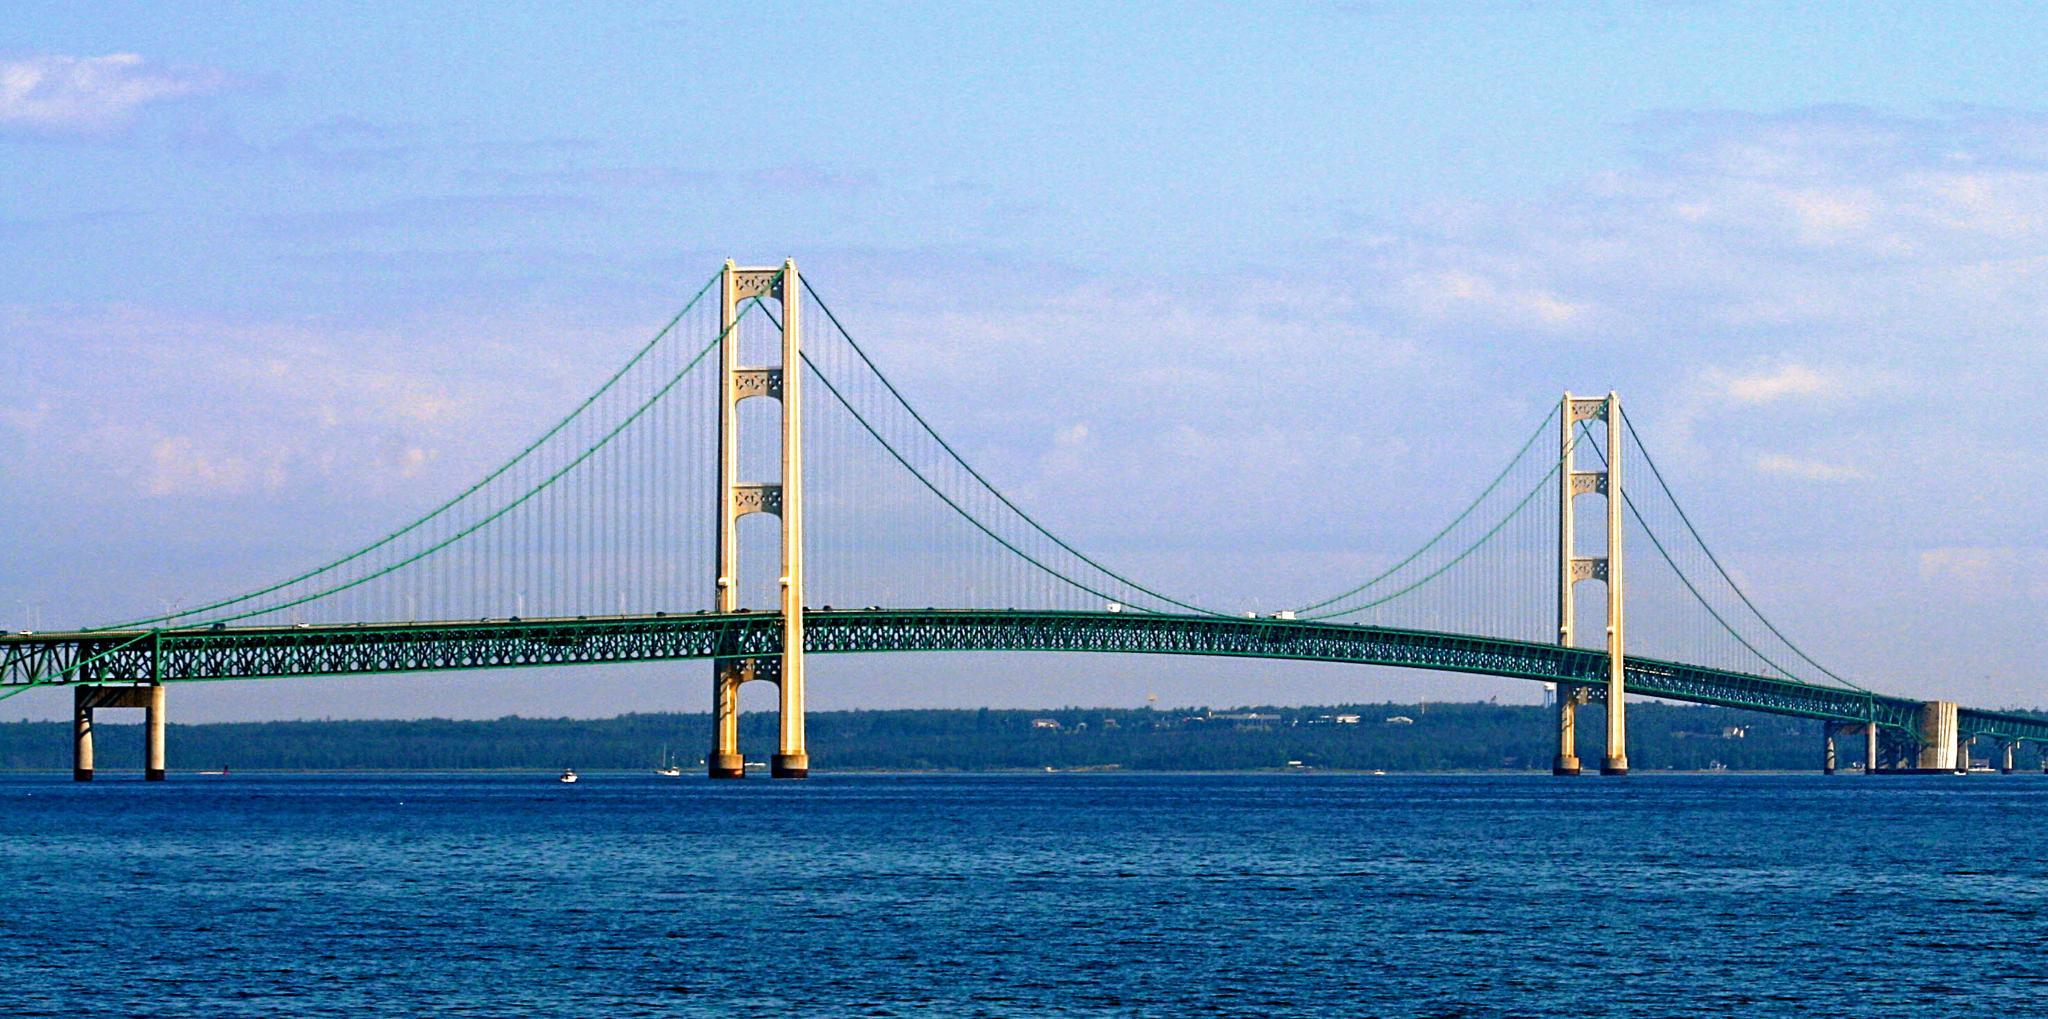 Mackinaw Bridge, MI by konrath_ds